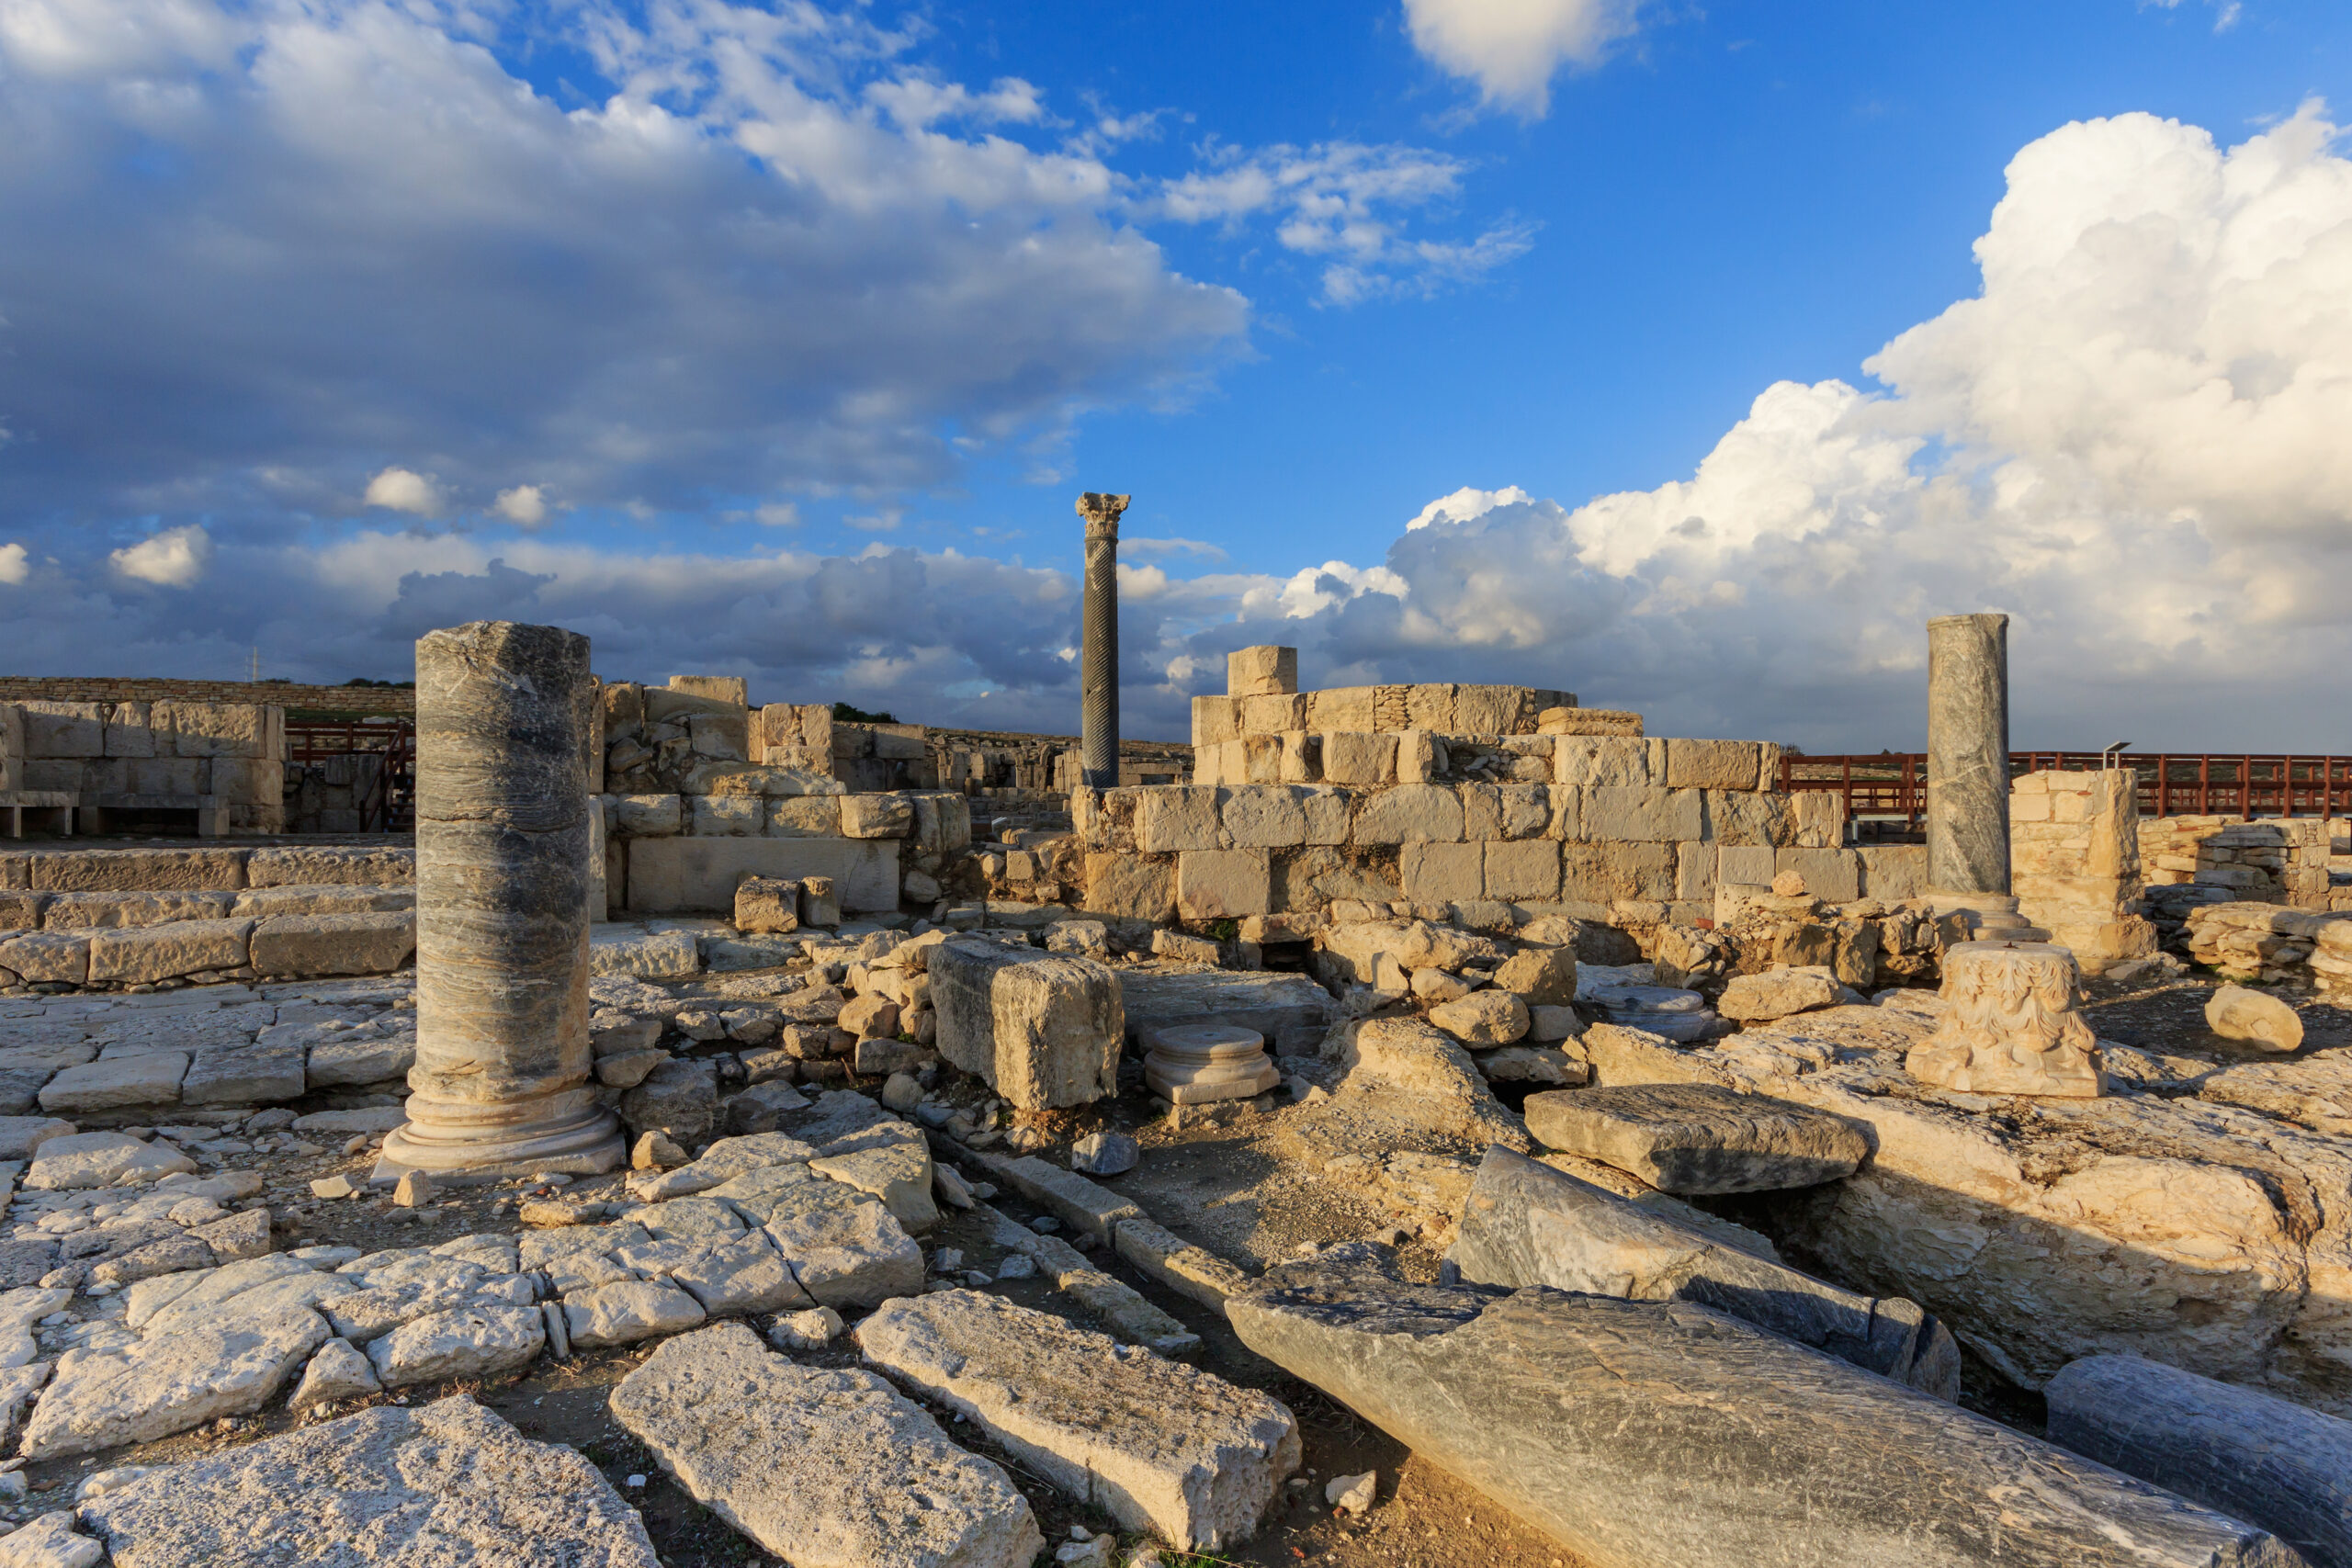 Zypern - historische Ausgrabungsstätte Kourion in der Nähe von Limassol